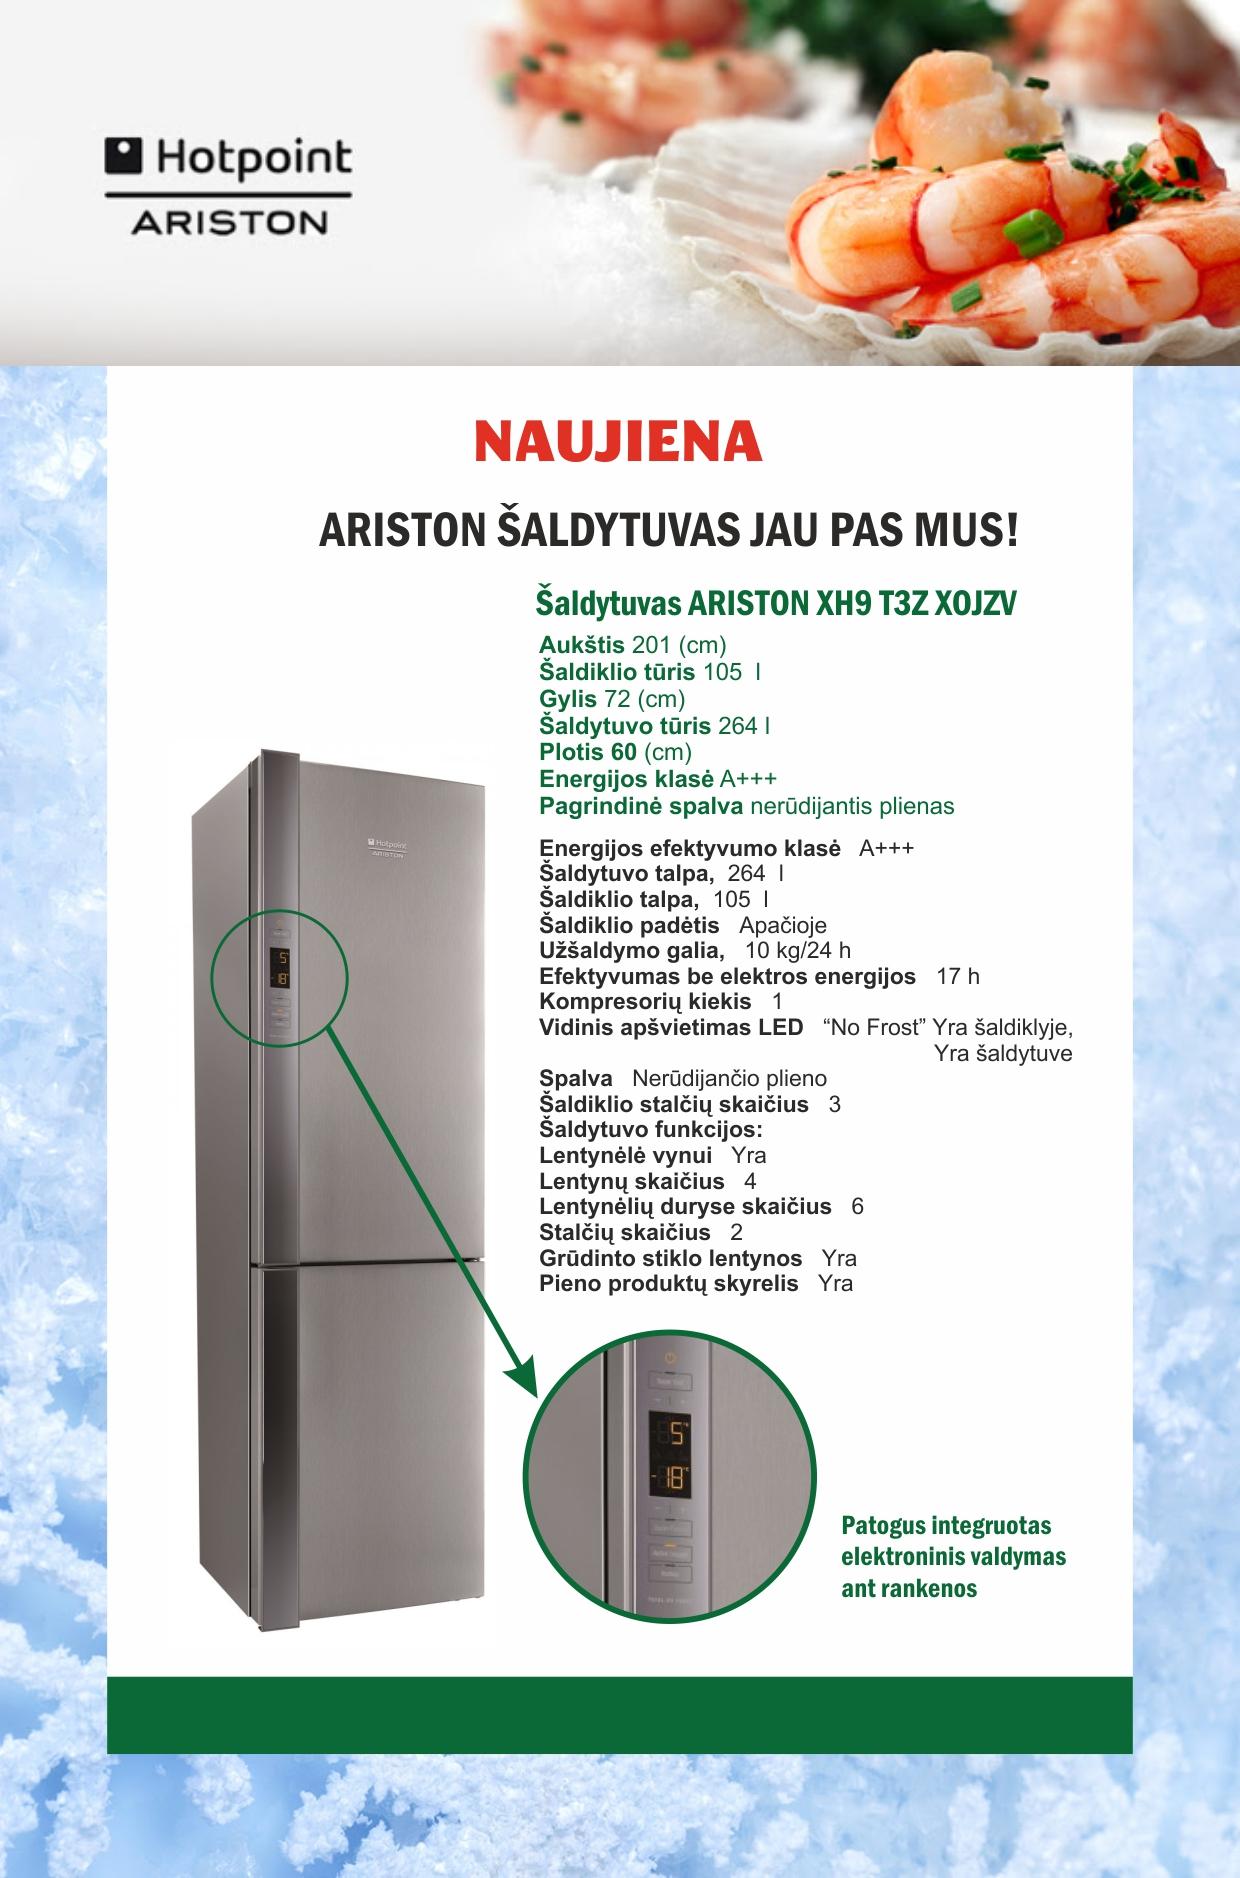 ariston-saldytuvas